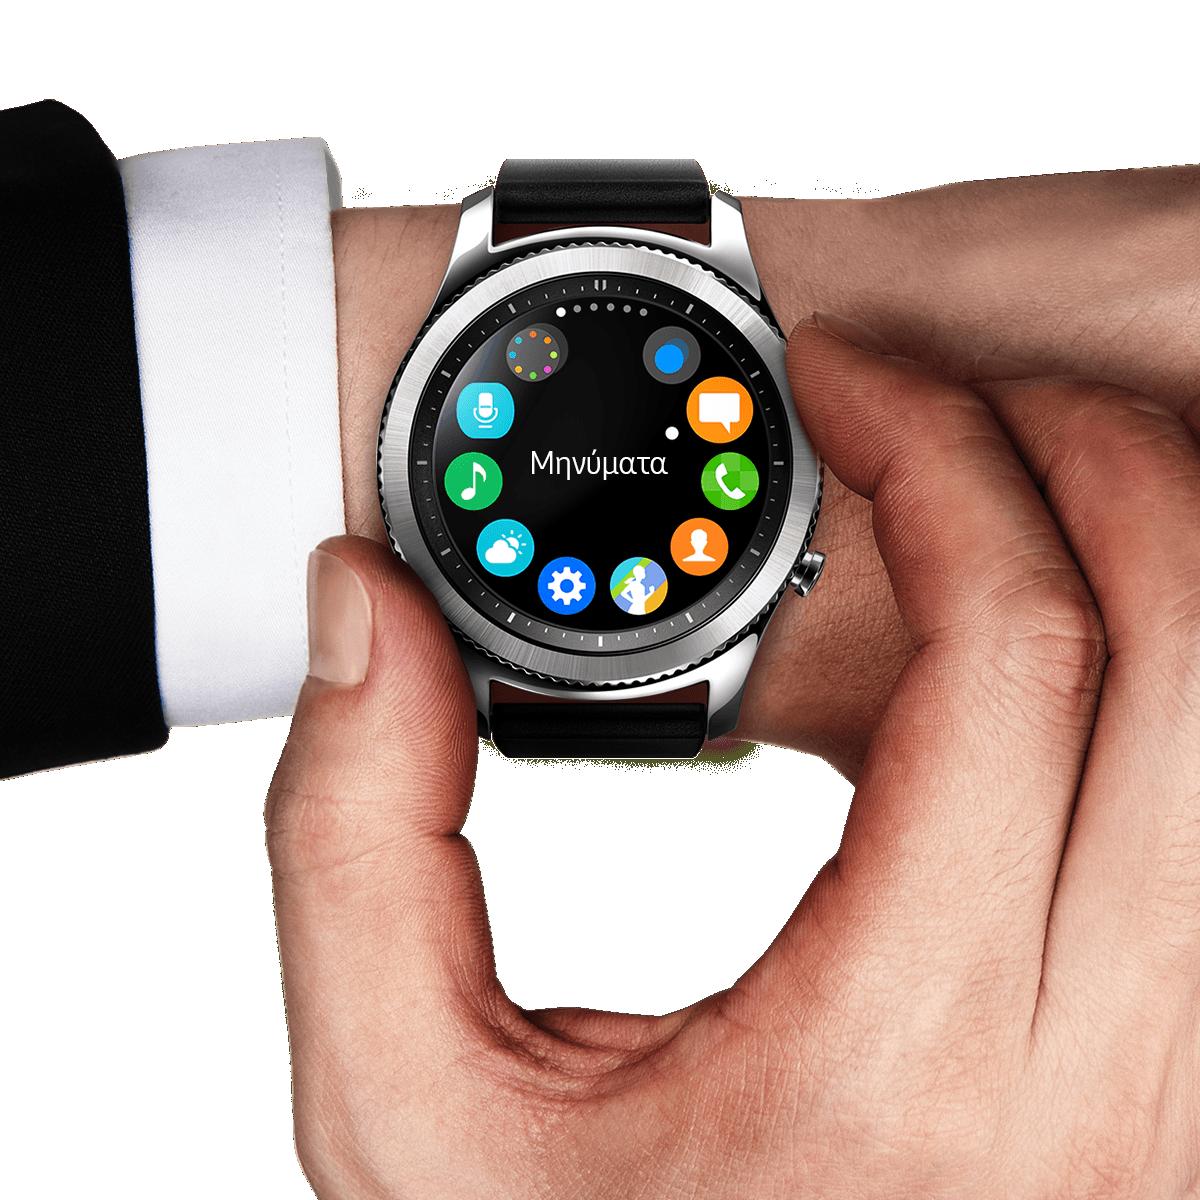 Το Gear S3 Classic στον καρπό ενός άντρα